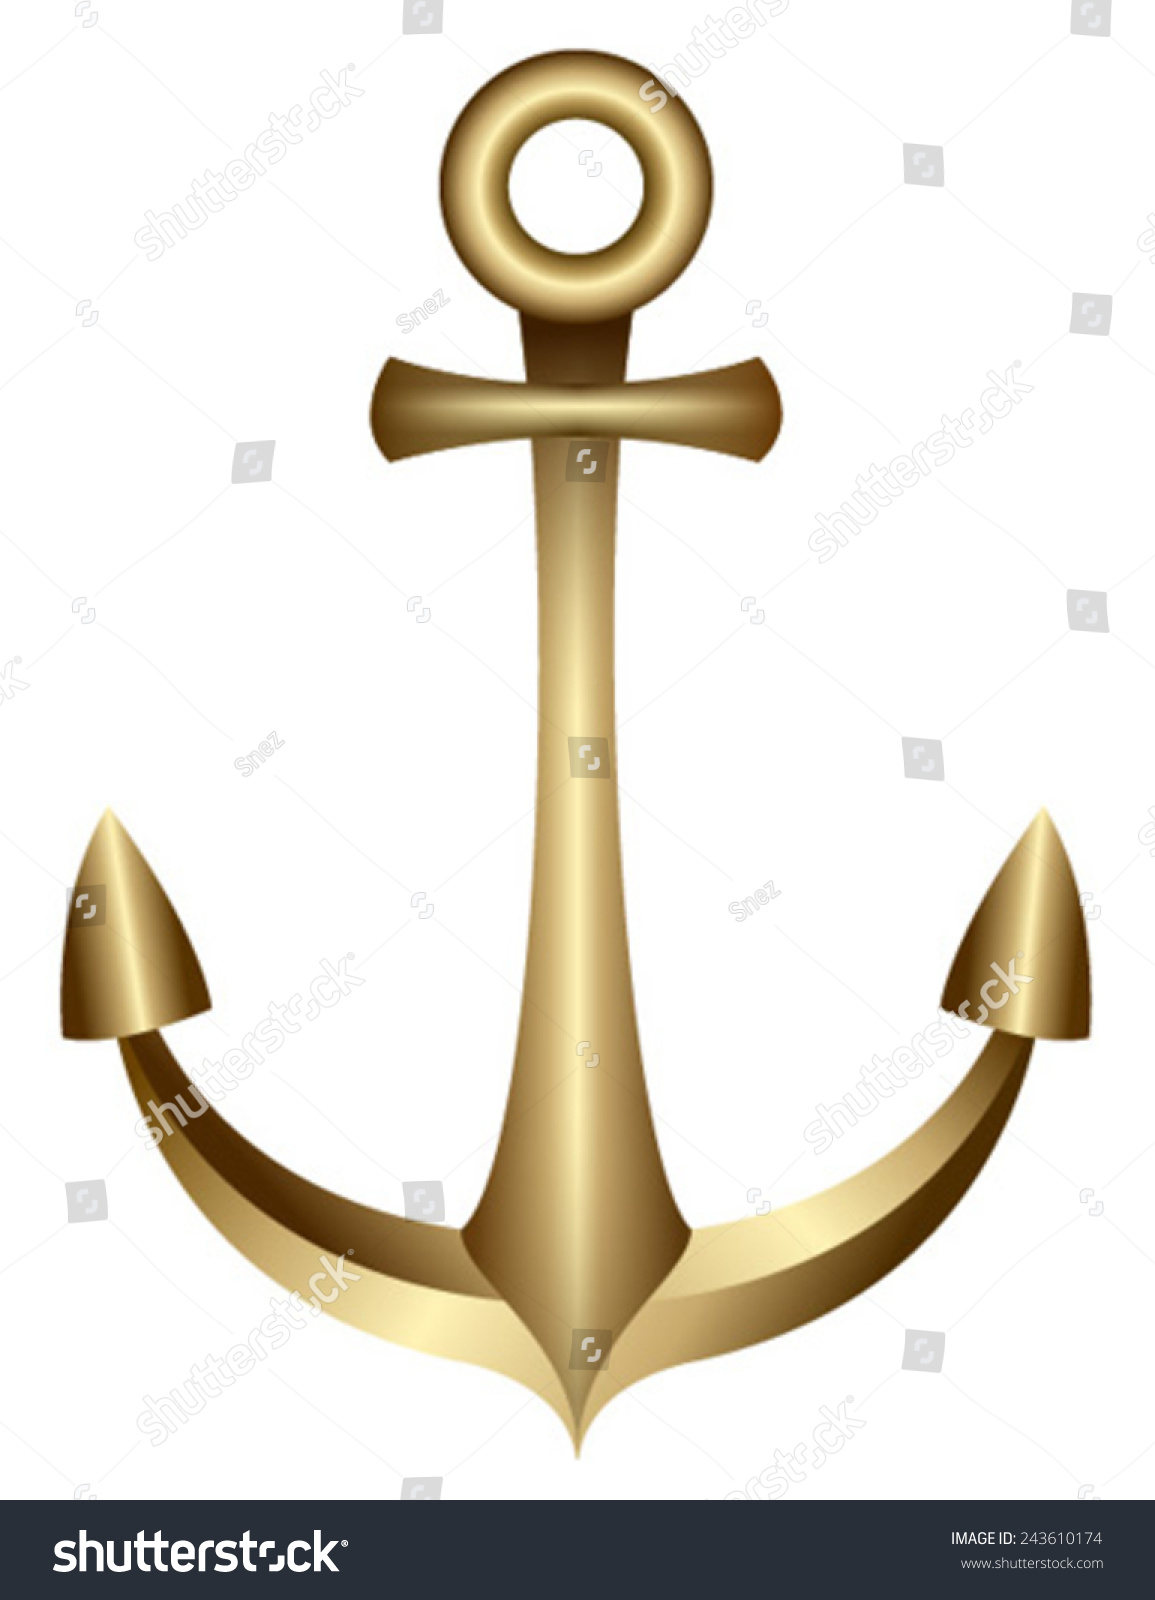 Gold Shiny Anchor Stock Vector 243610174